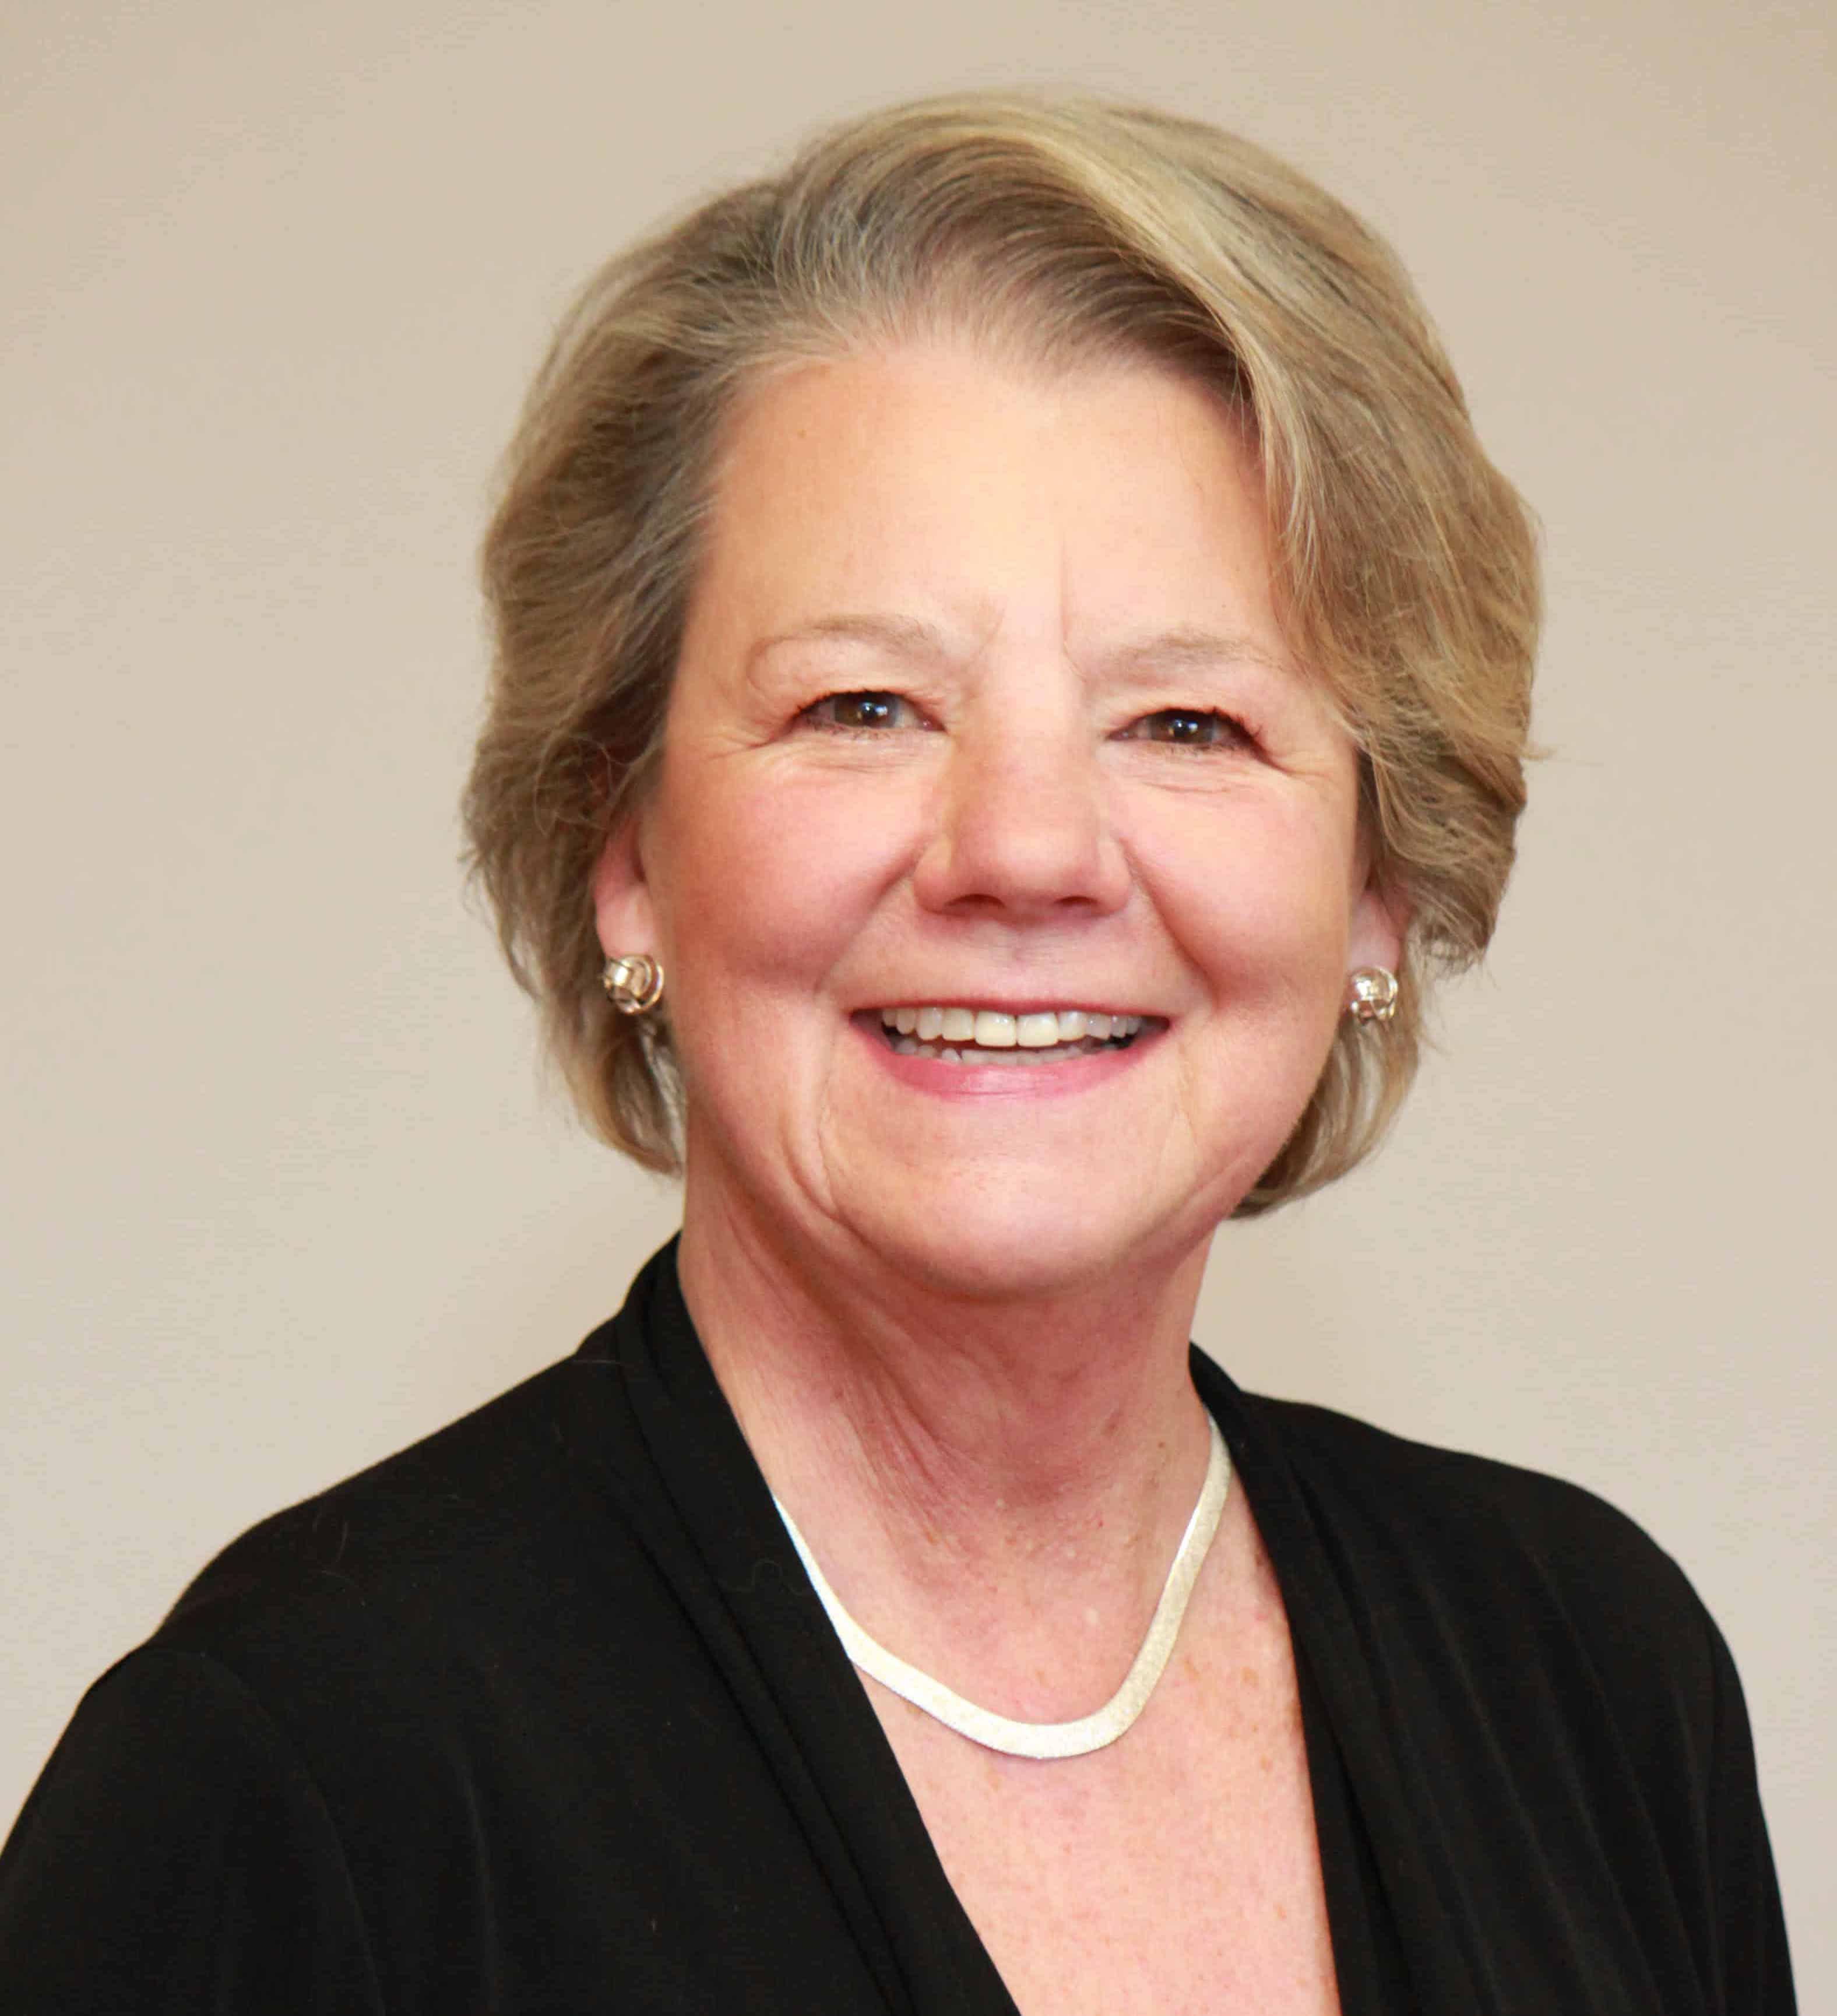 Barbara Heyl